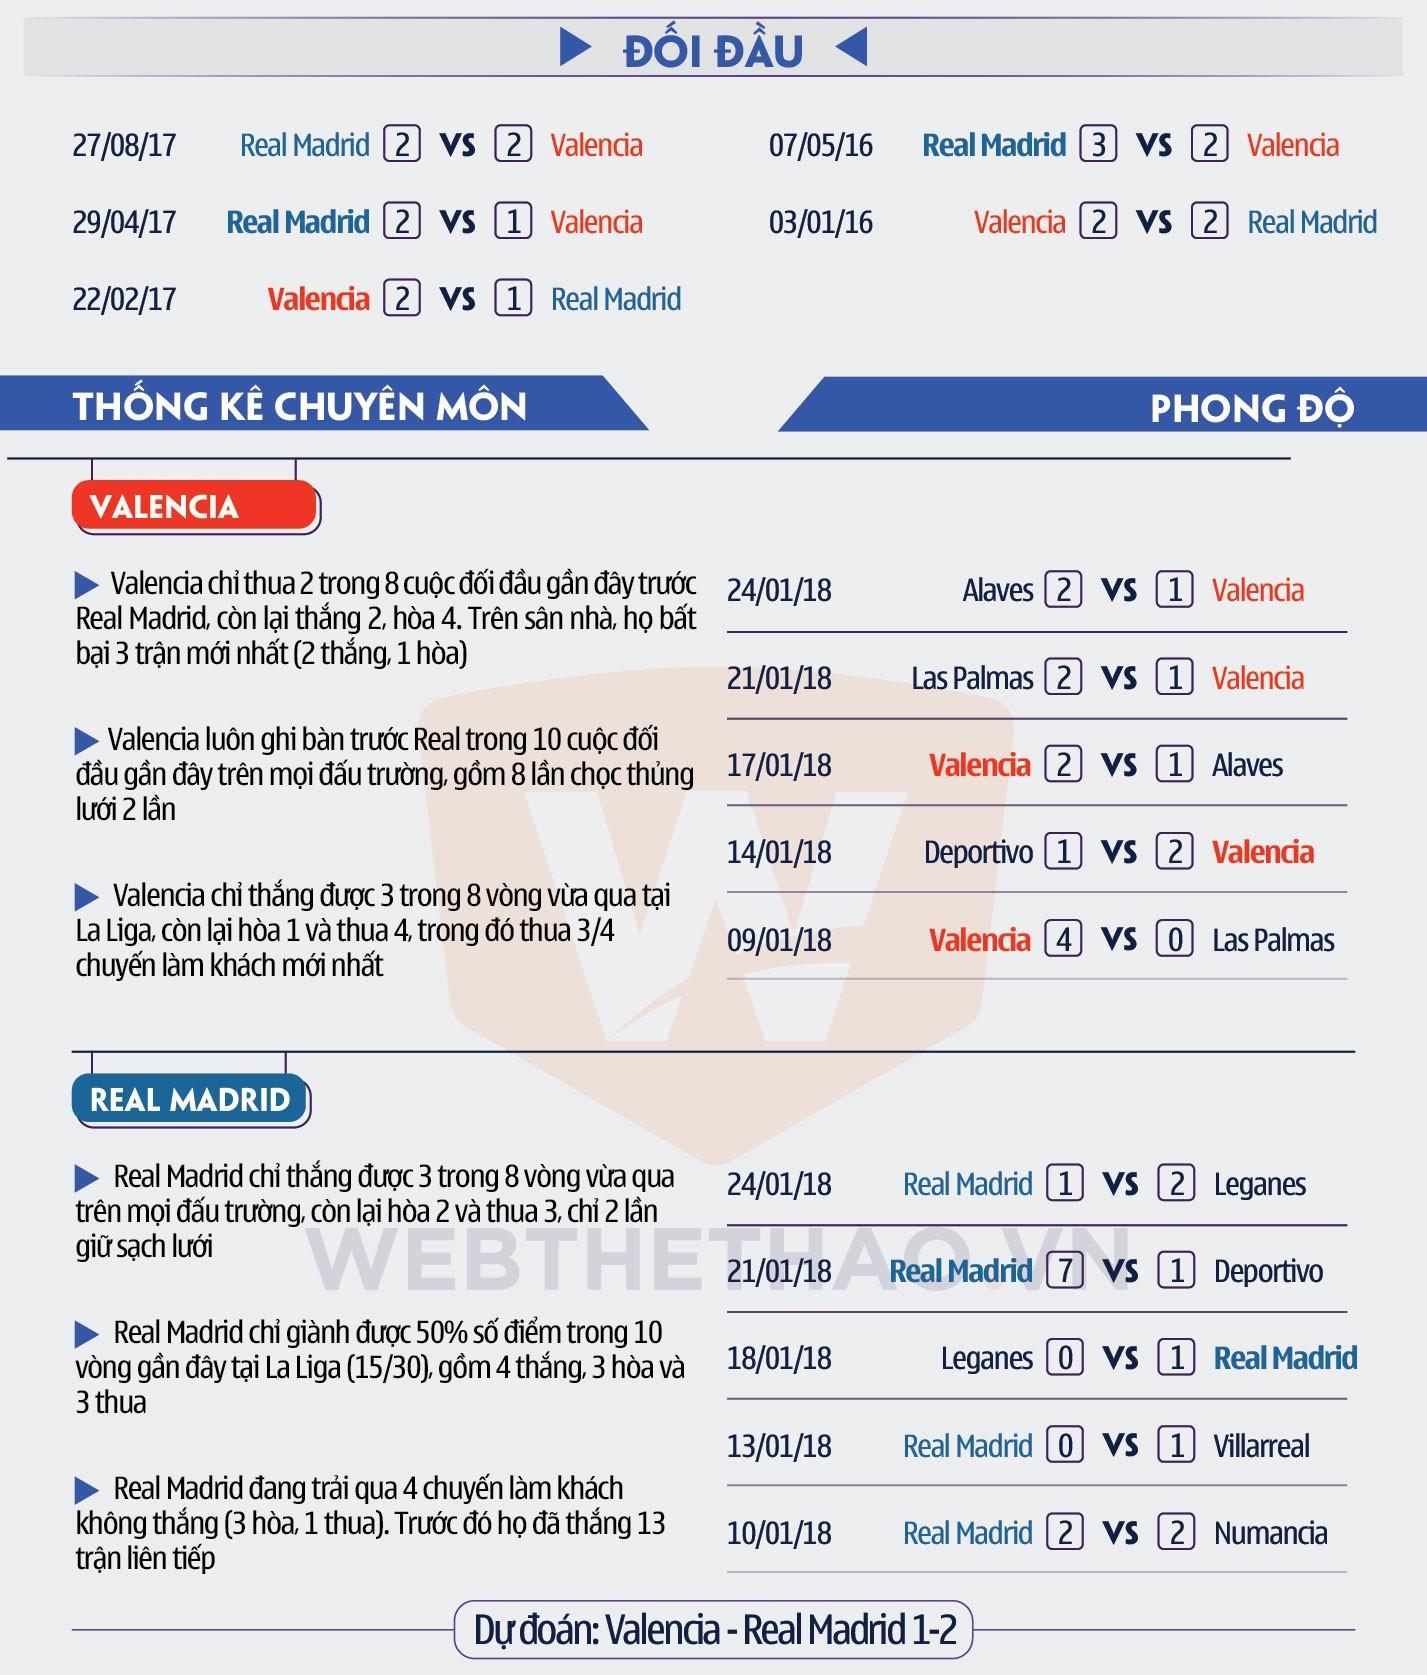 Hình ảnh: Thông số chuyên môn 2 đội